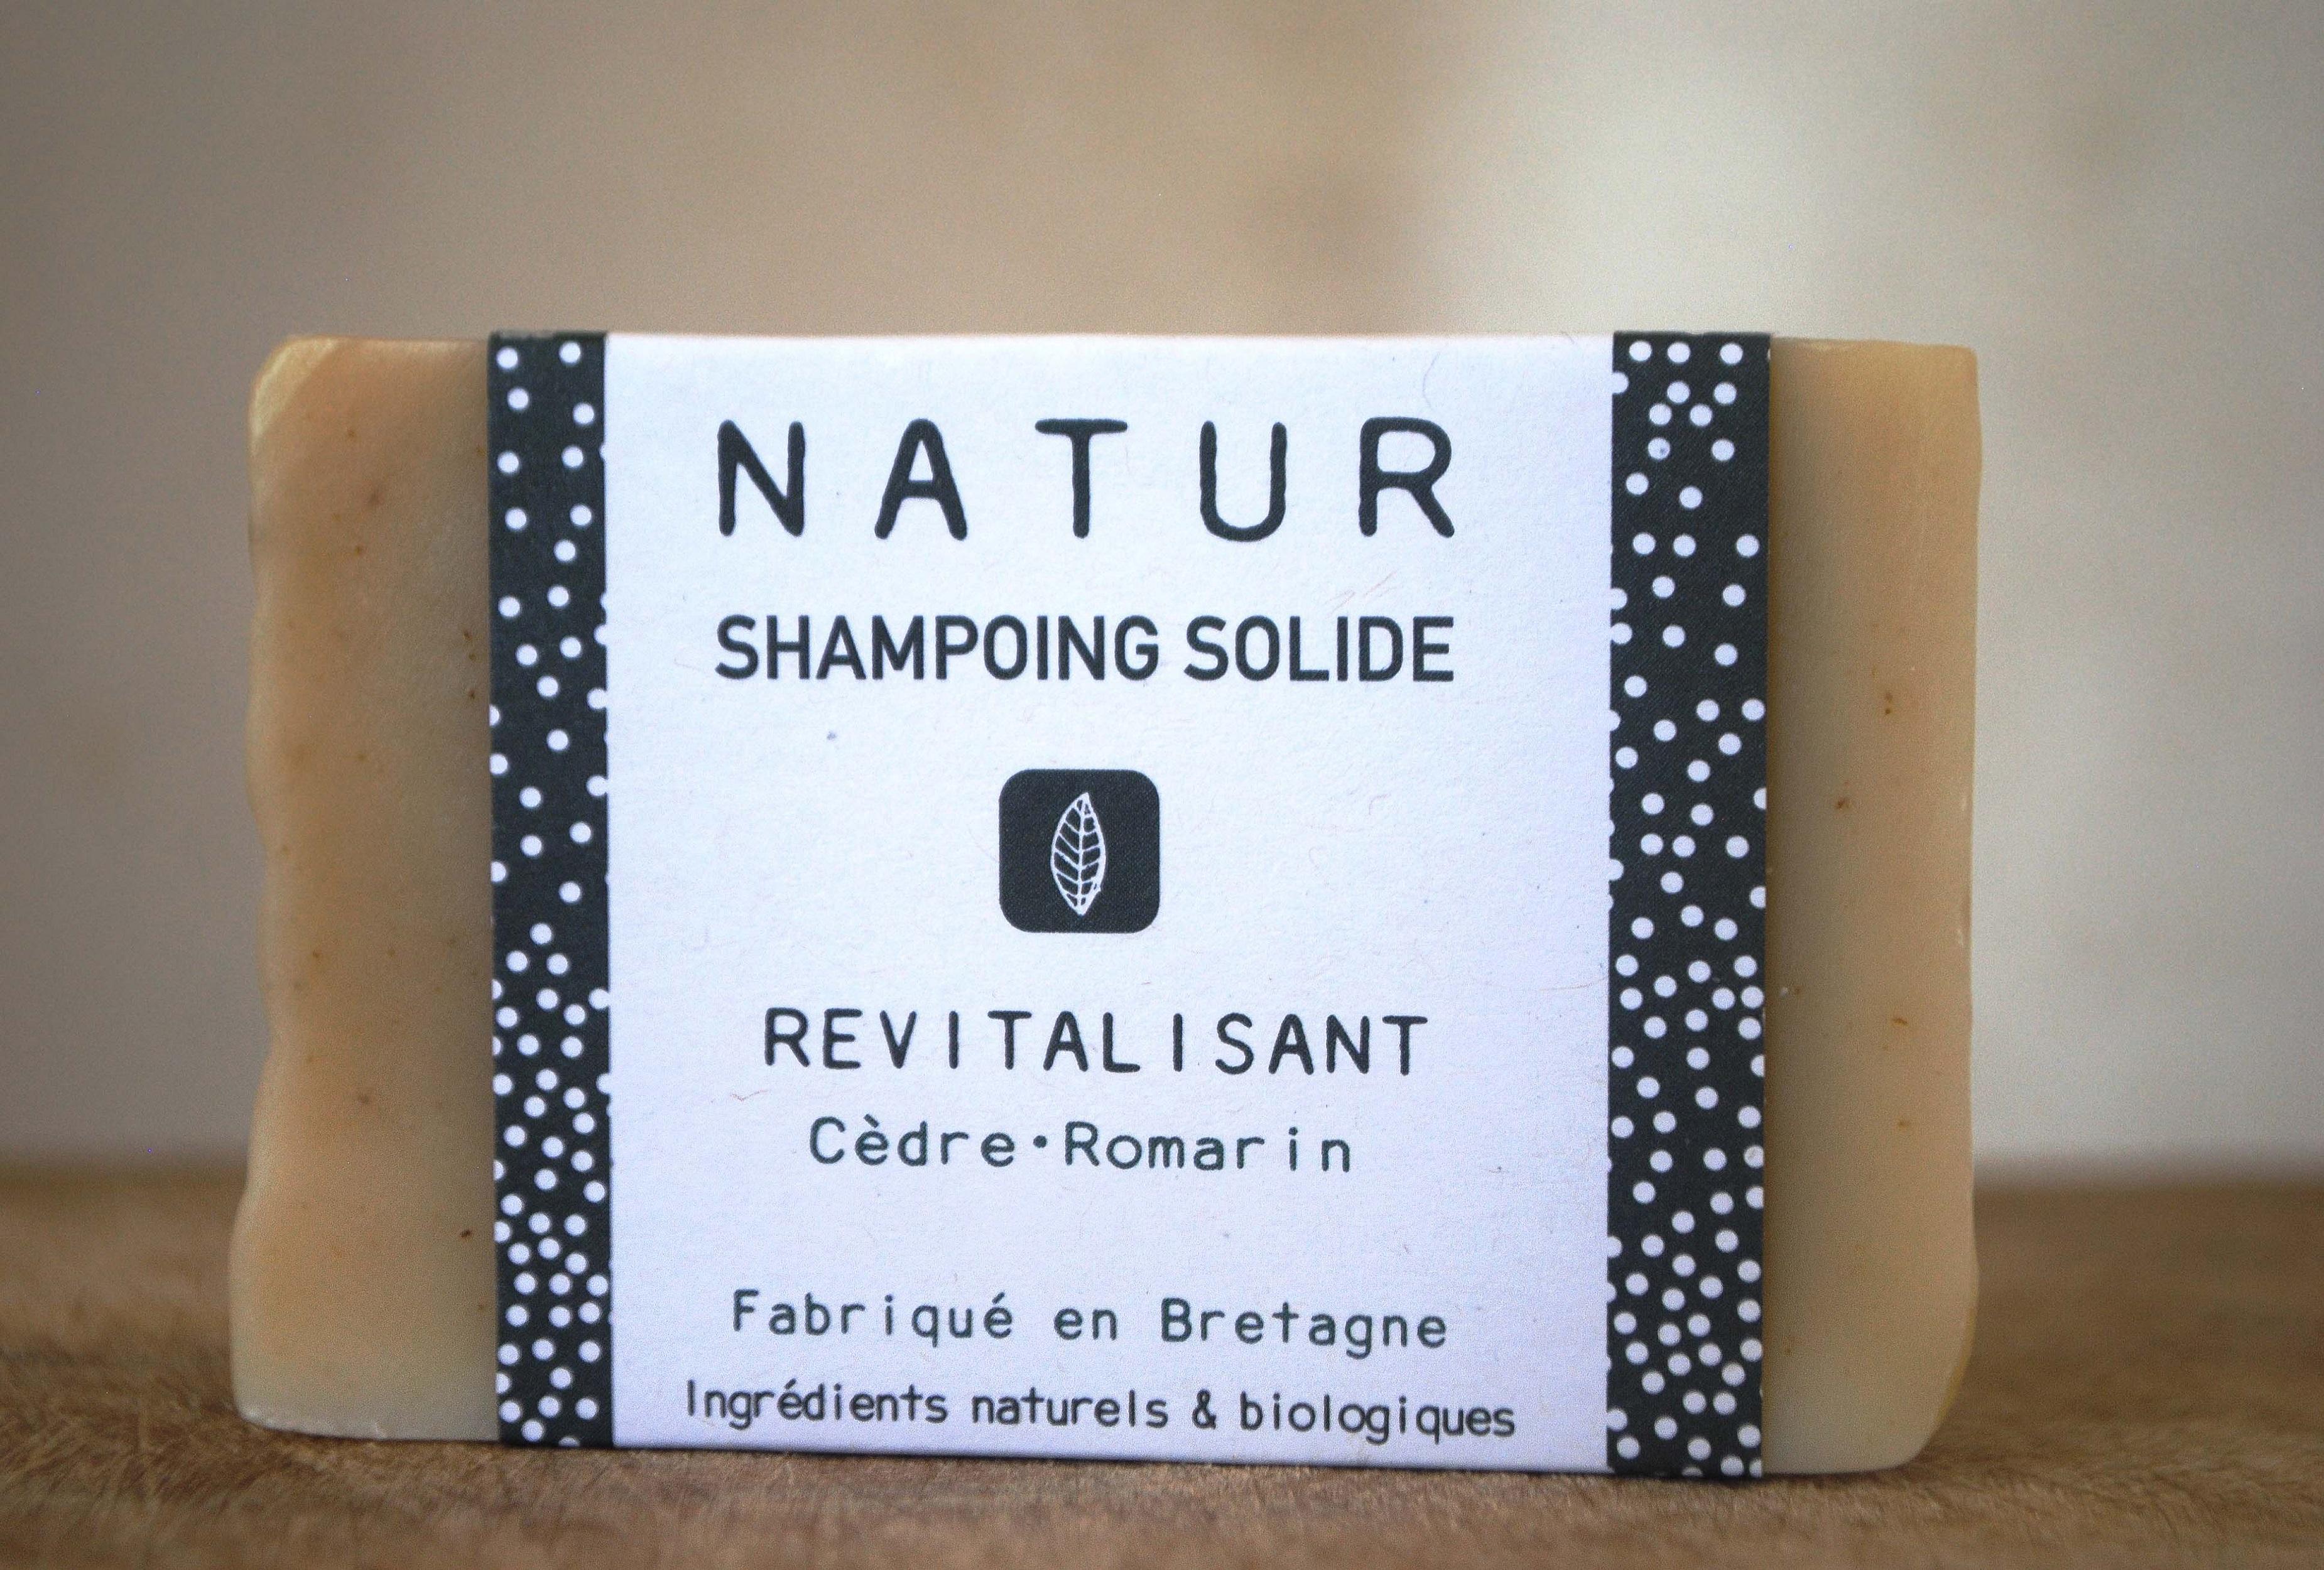 Shampoing revitalisant solide saponification à froid saf savonnerie artisanale Bretagne Finistère